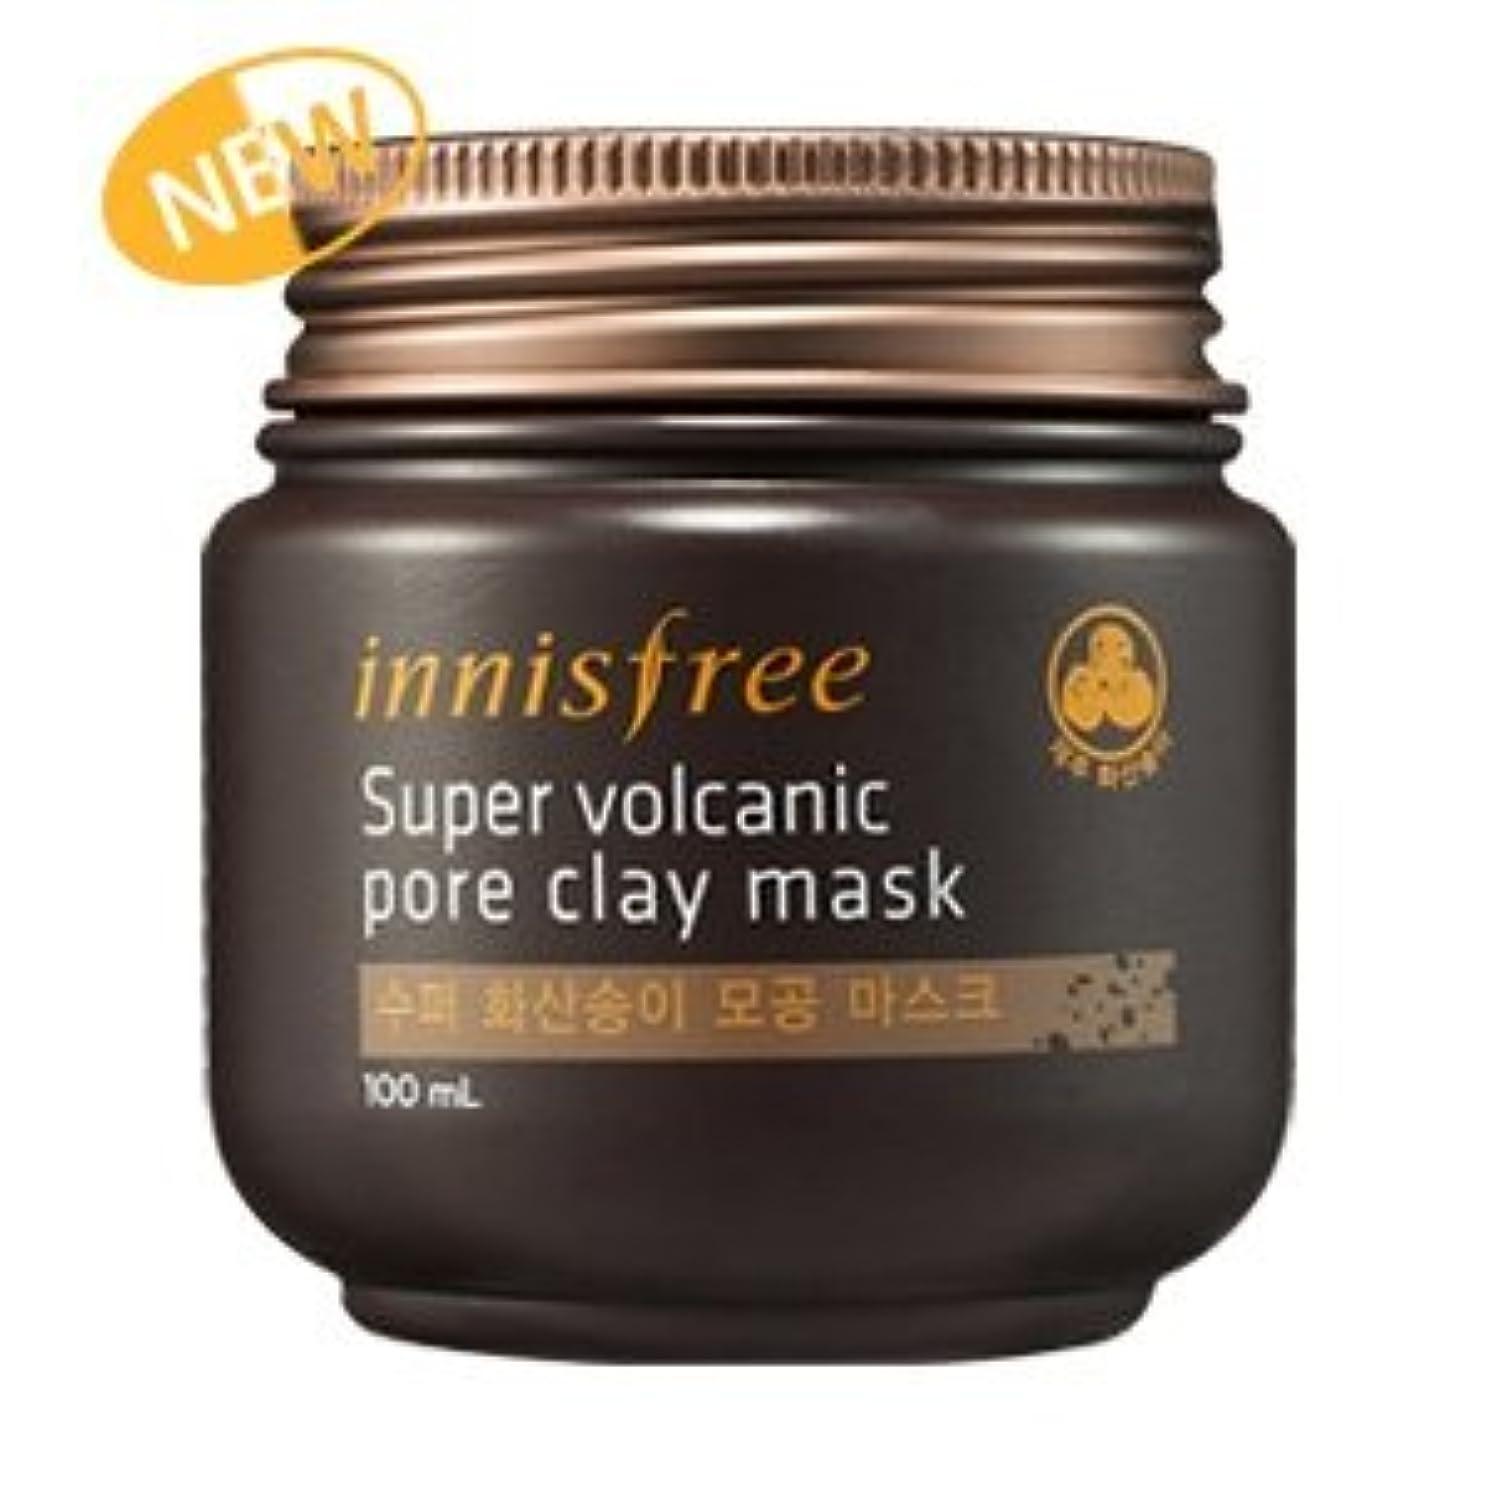 プロポーショナル革命的追放するイニスフリー Innisfree スーパーチェジュ火山灰毛穴マスク